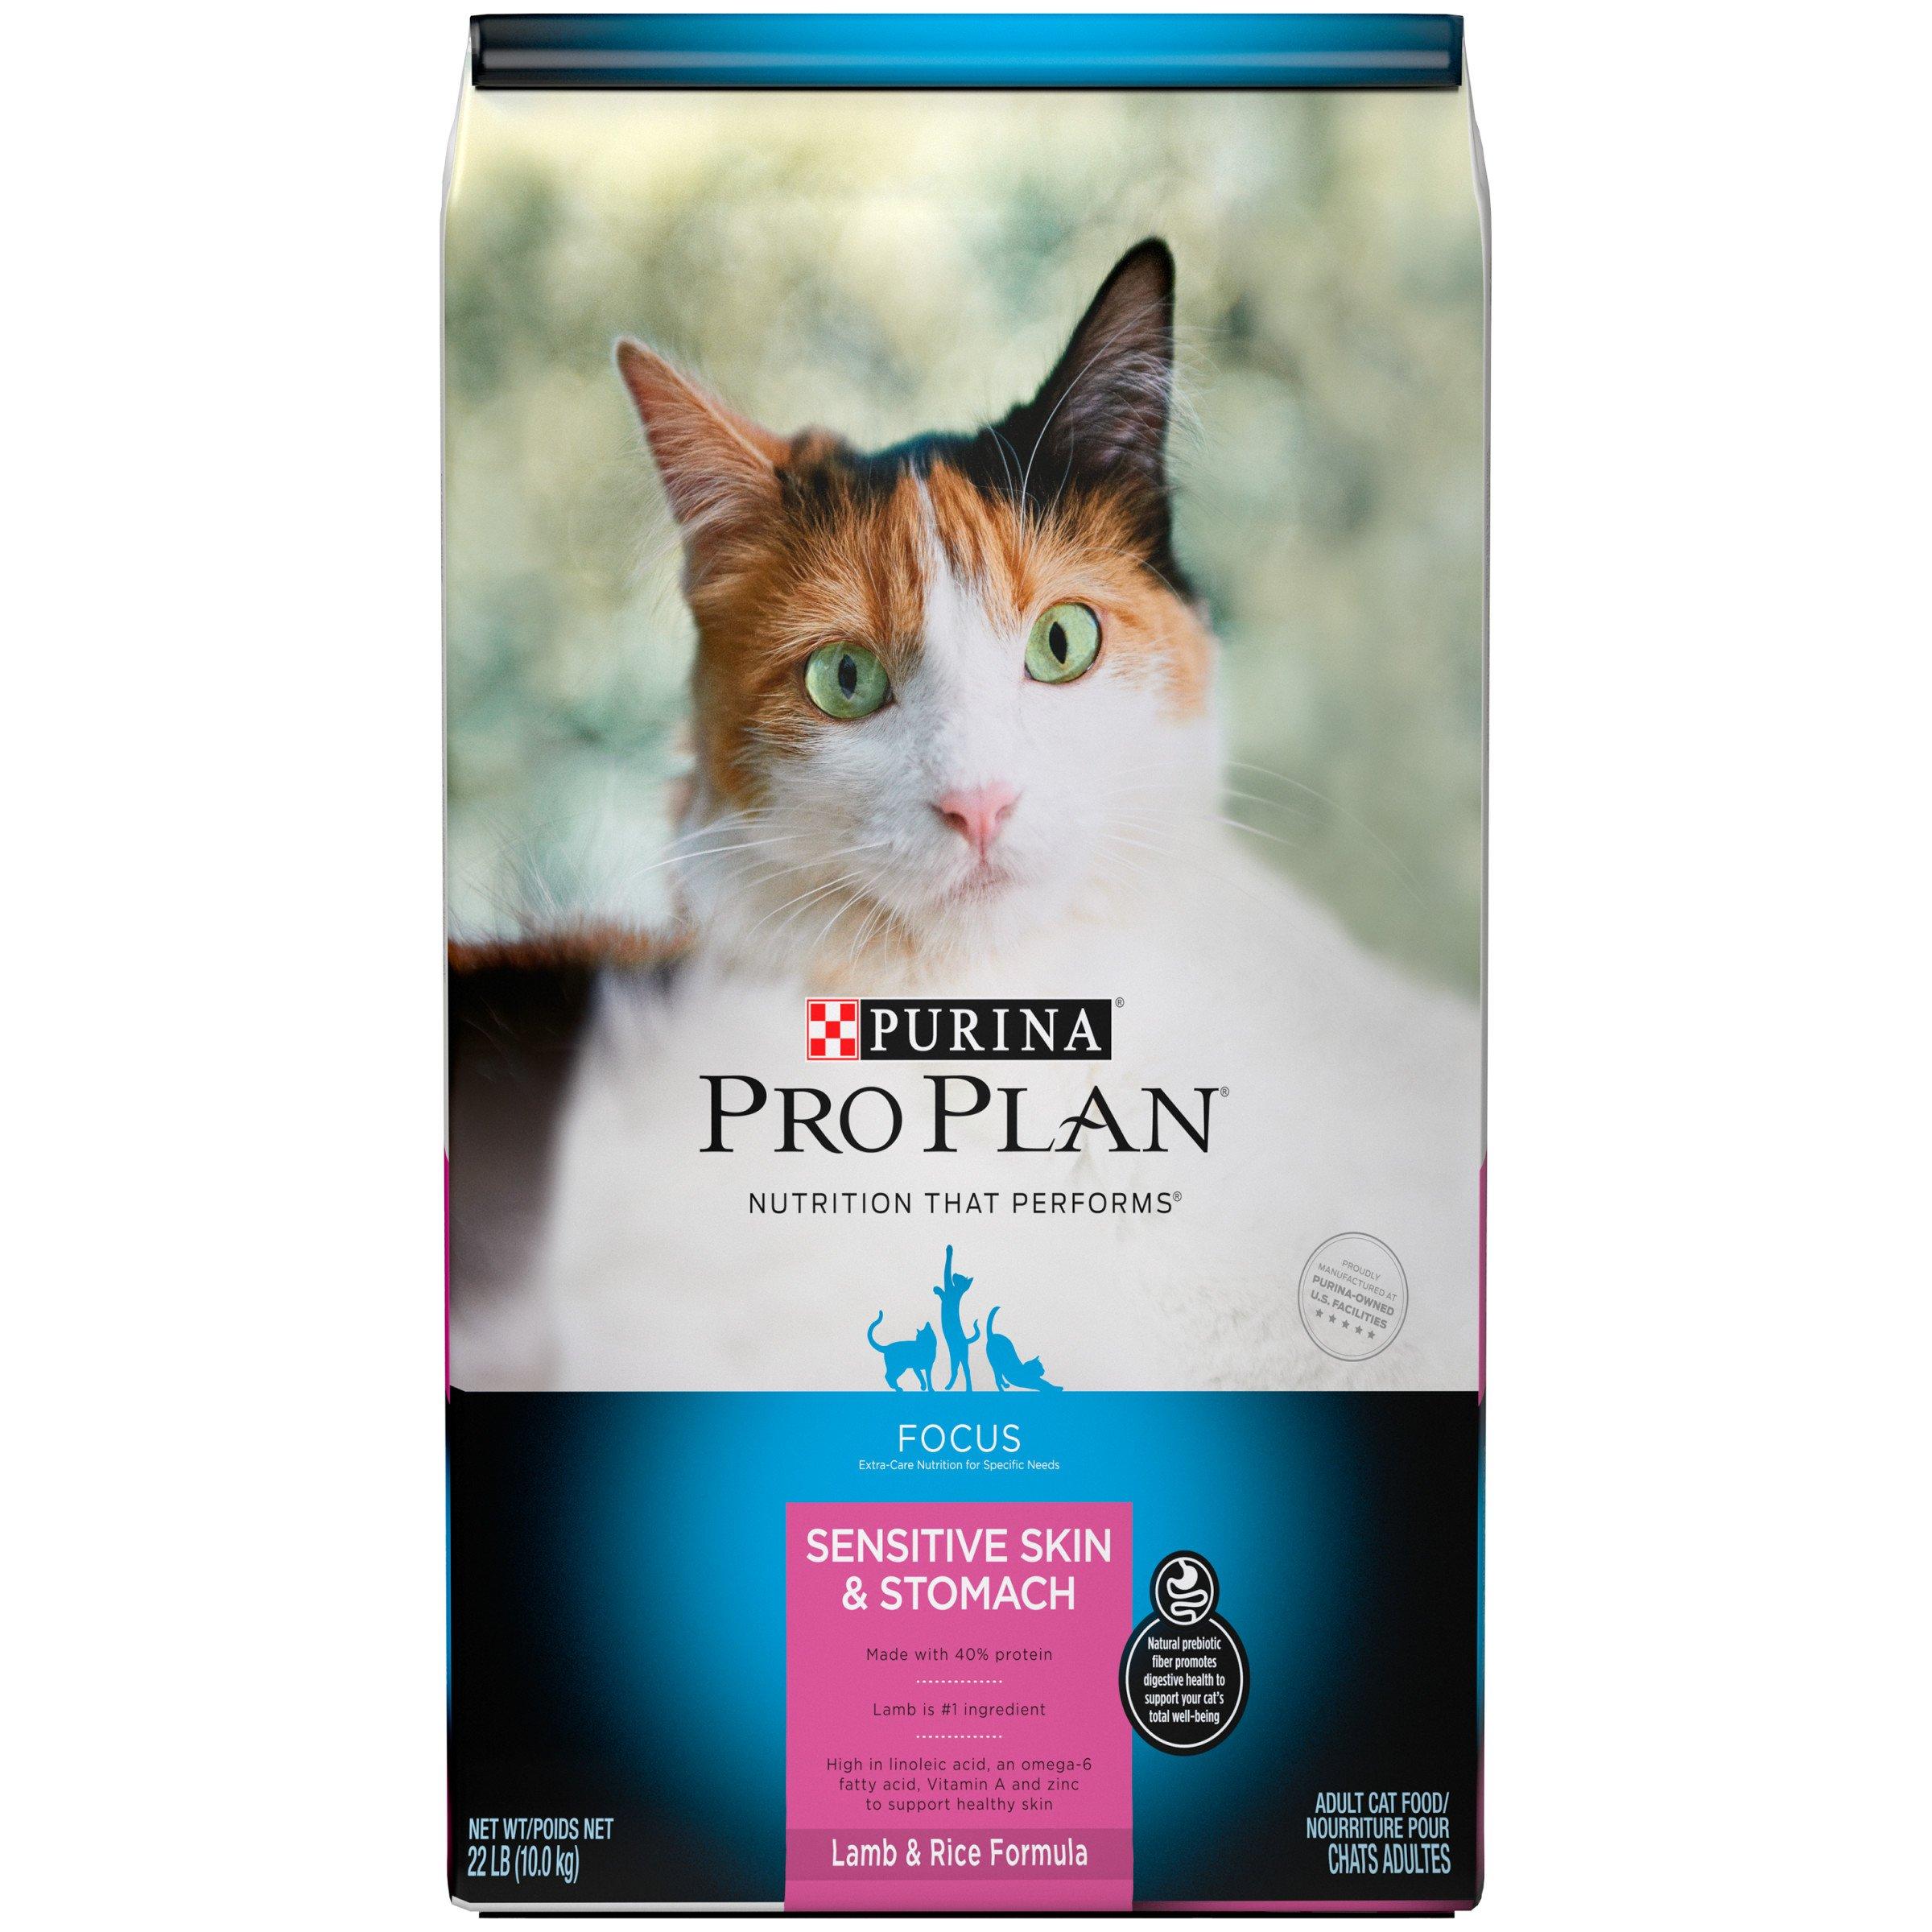 Purina Pro Plan Sensitive Stomach Dry Cat Food; Focus Sensitive Skin & Stomach Lamb & Rice Formula - 22 lb. Bag